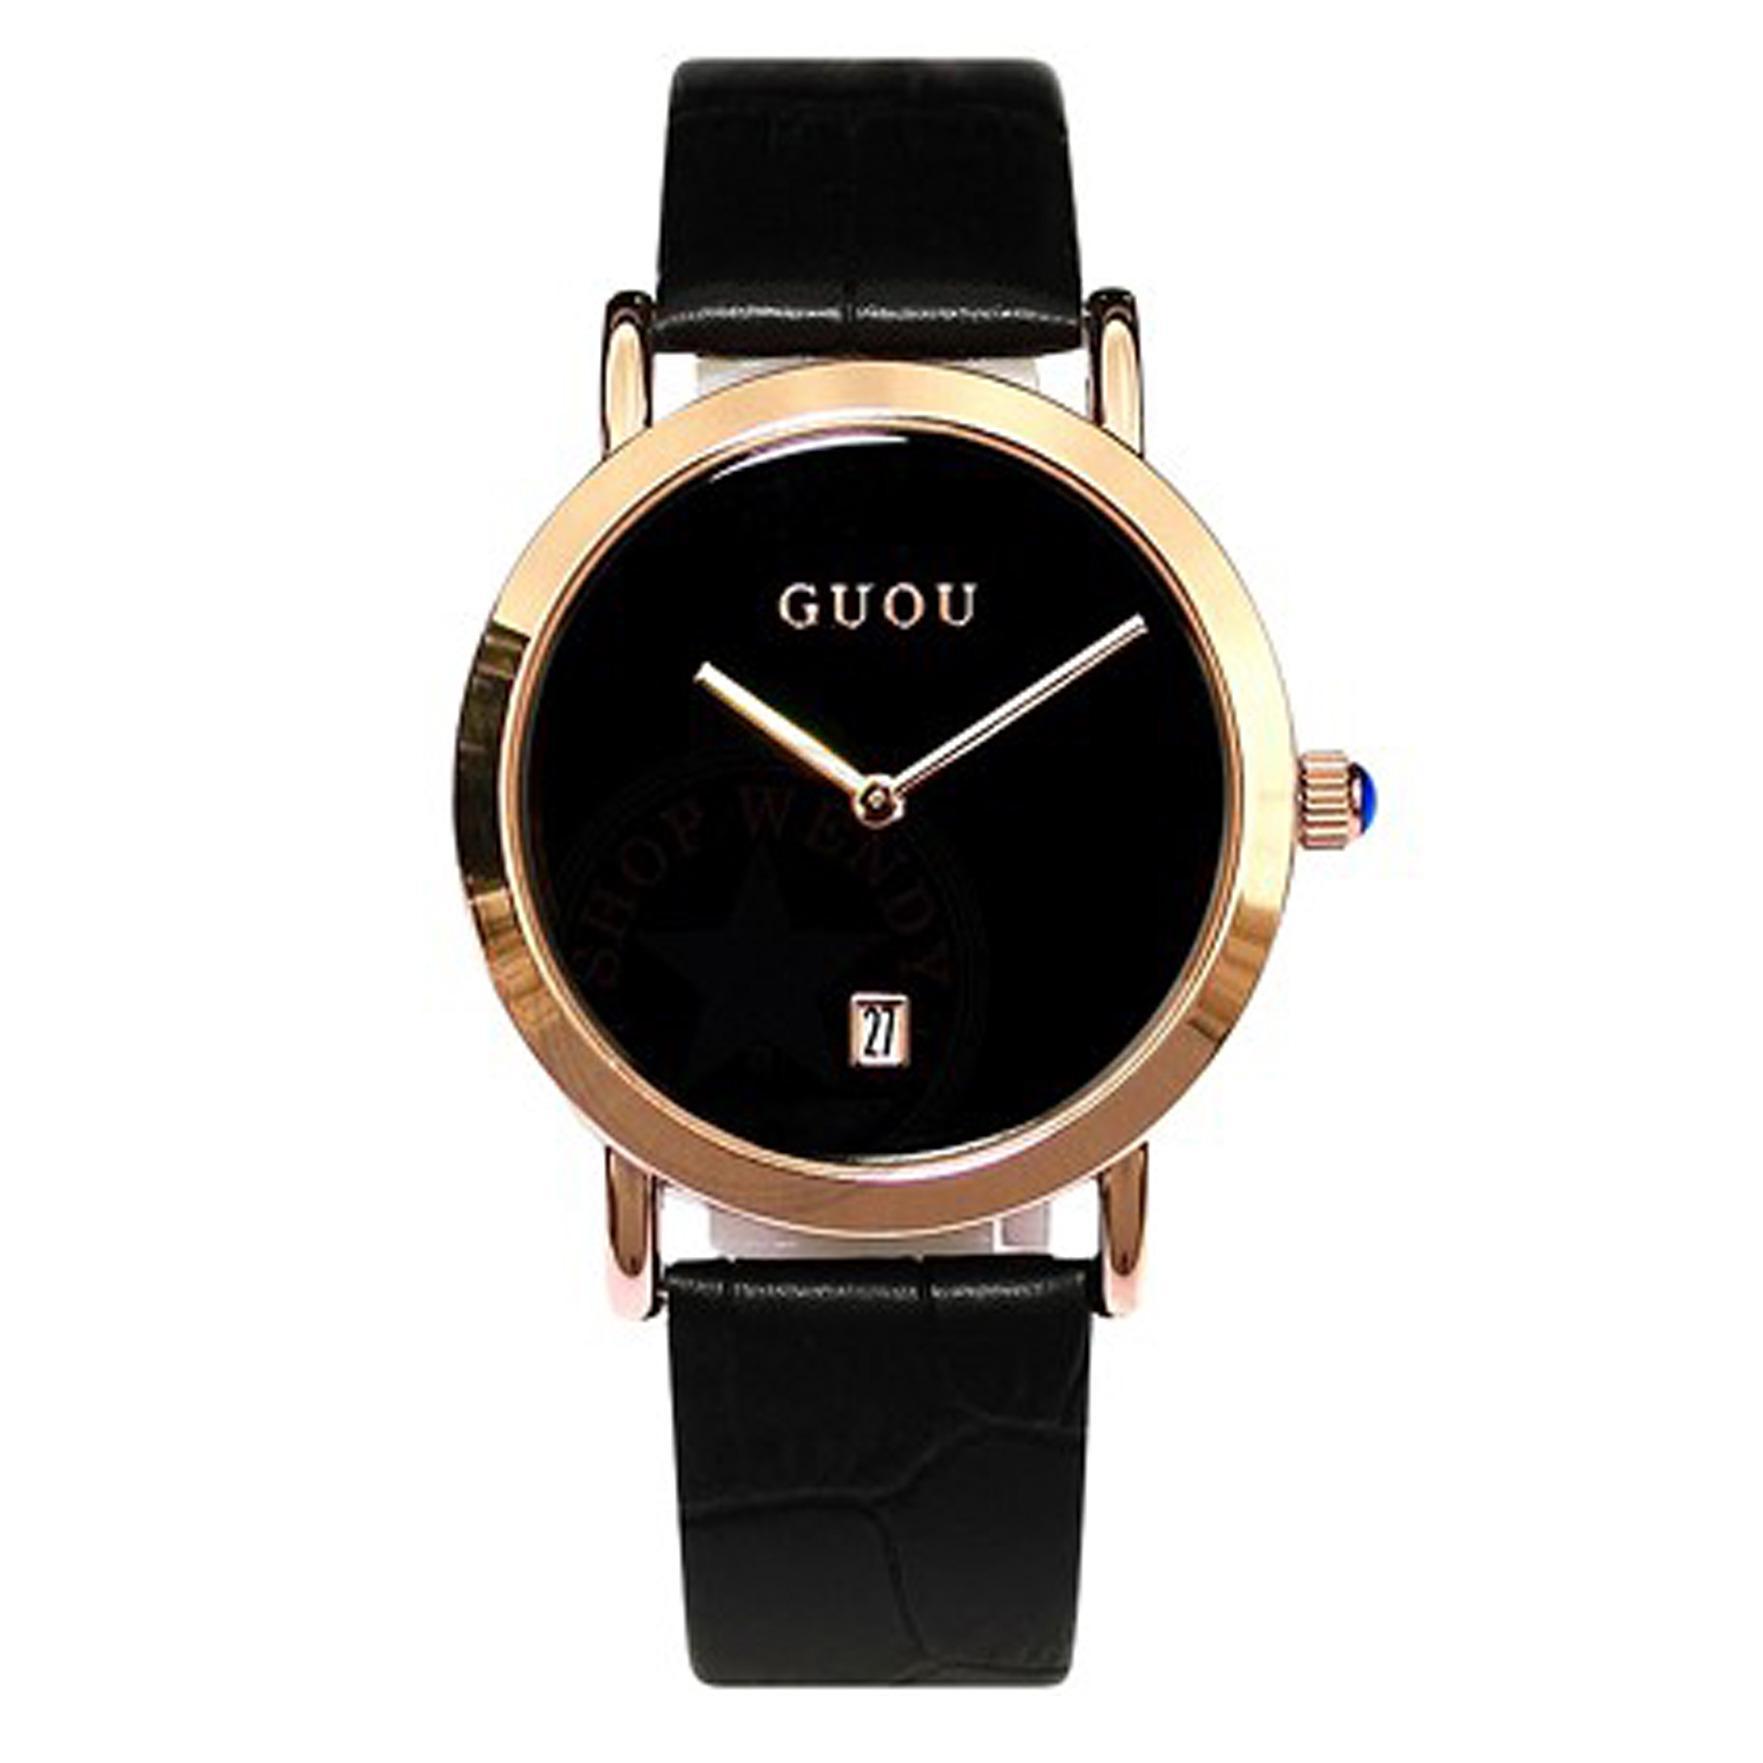 Đồng hồ nữ thời trang Guou V01 dây da cao cấp